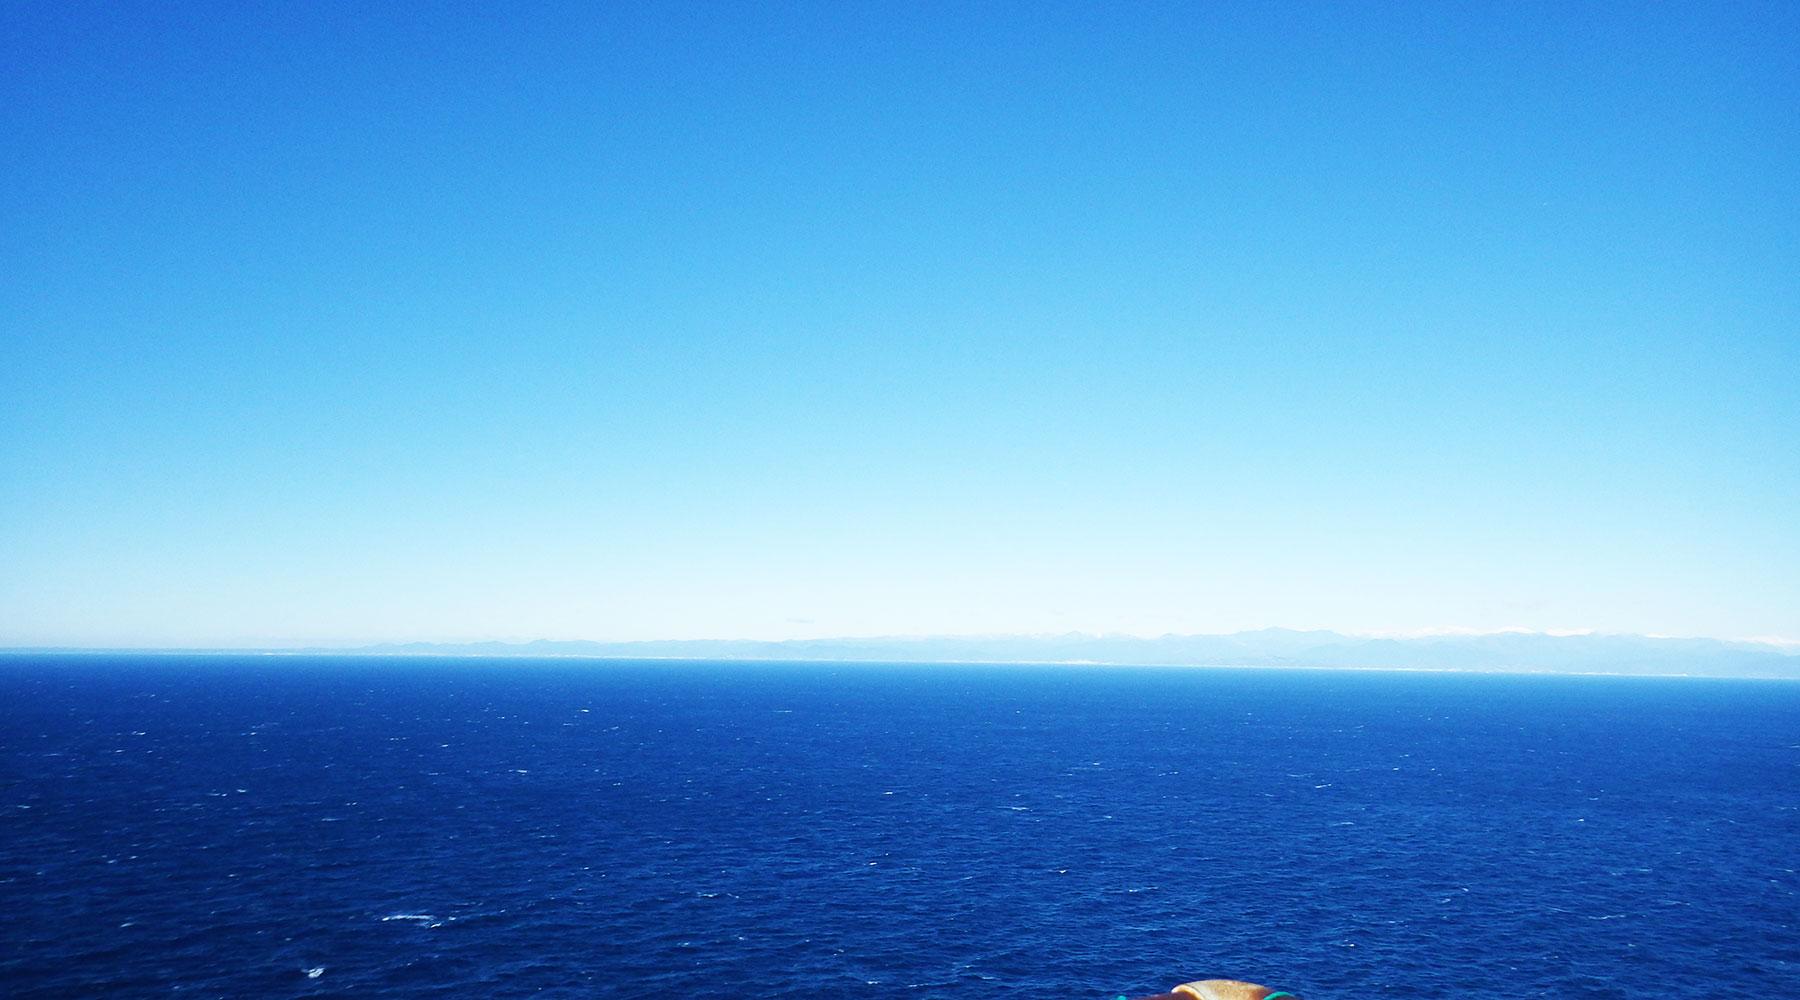 烏帽子山山頂(雲見浅間神社本殿)から見た駿河湾の向こうの御前崎